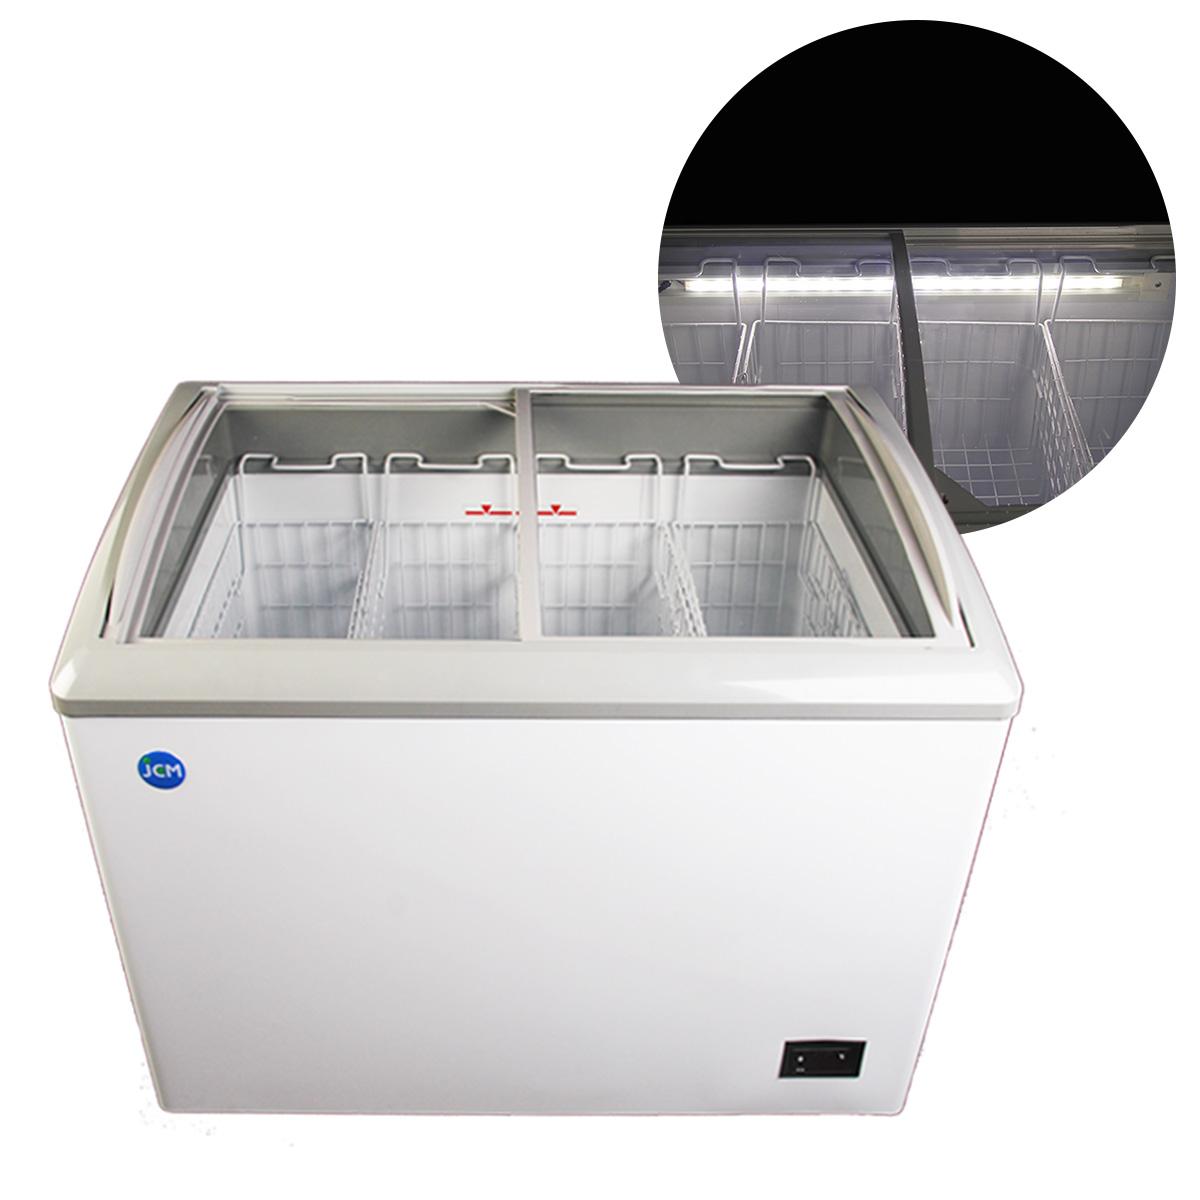 メーカー直販 高品質なのに低価格 お気にいる 開発から製造 販売までに自社で管理する事で驚きの価格での提供が可能となりました 全国365日メンテナンス受付体制でアフターも万全 数量限定 飲食店応援~コロナ打ち勝つセール~ JCM 新作続 冷凍ショーケース 180L 冷凍 代引不可 JCMCS-180L スライド 冷凍庫 LED照明付 保冷庫 ショーケース 業務用